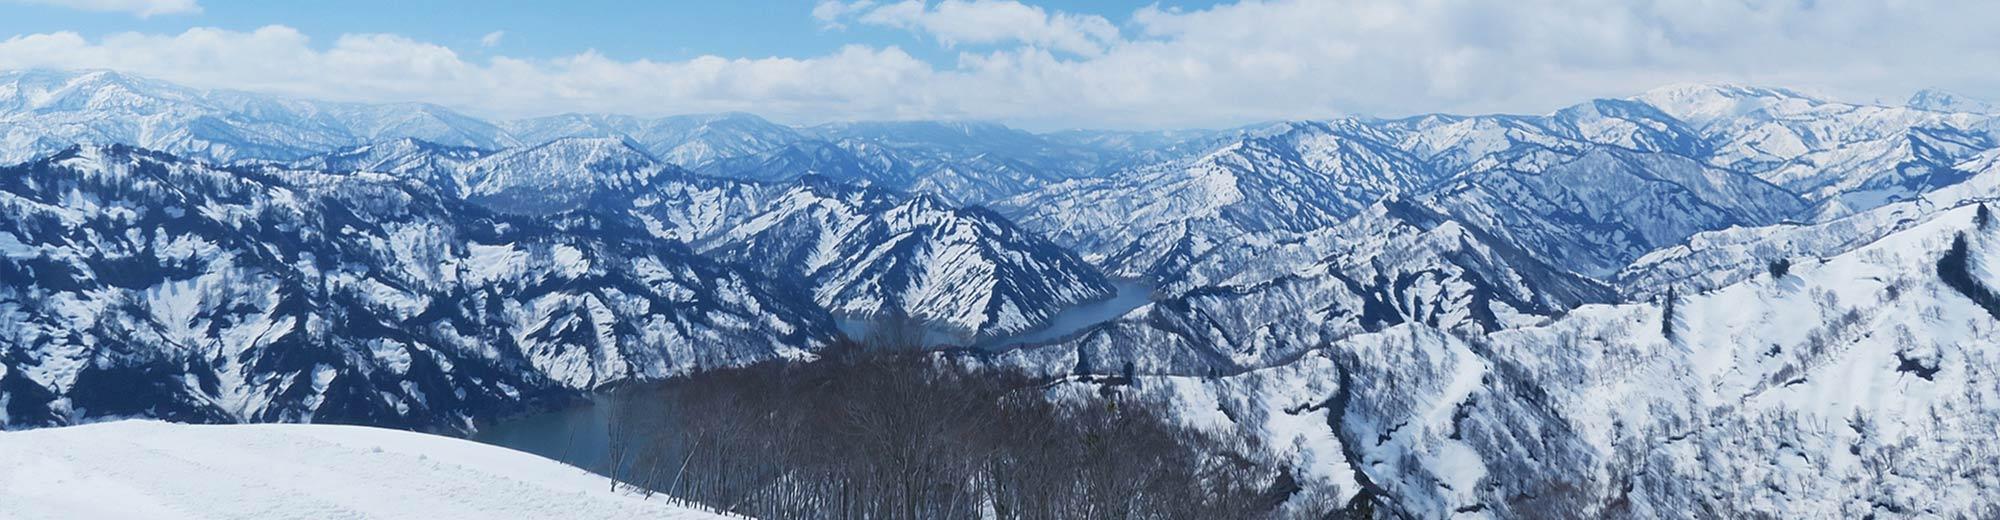 県別から探す!スキー場かんたん検索一覧まとめ|【公式】オリオンツアー